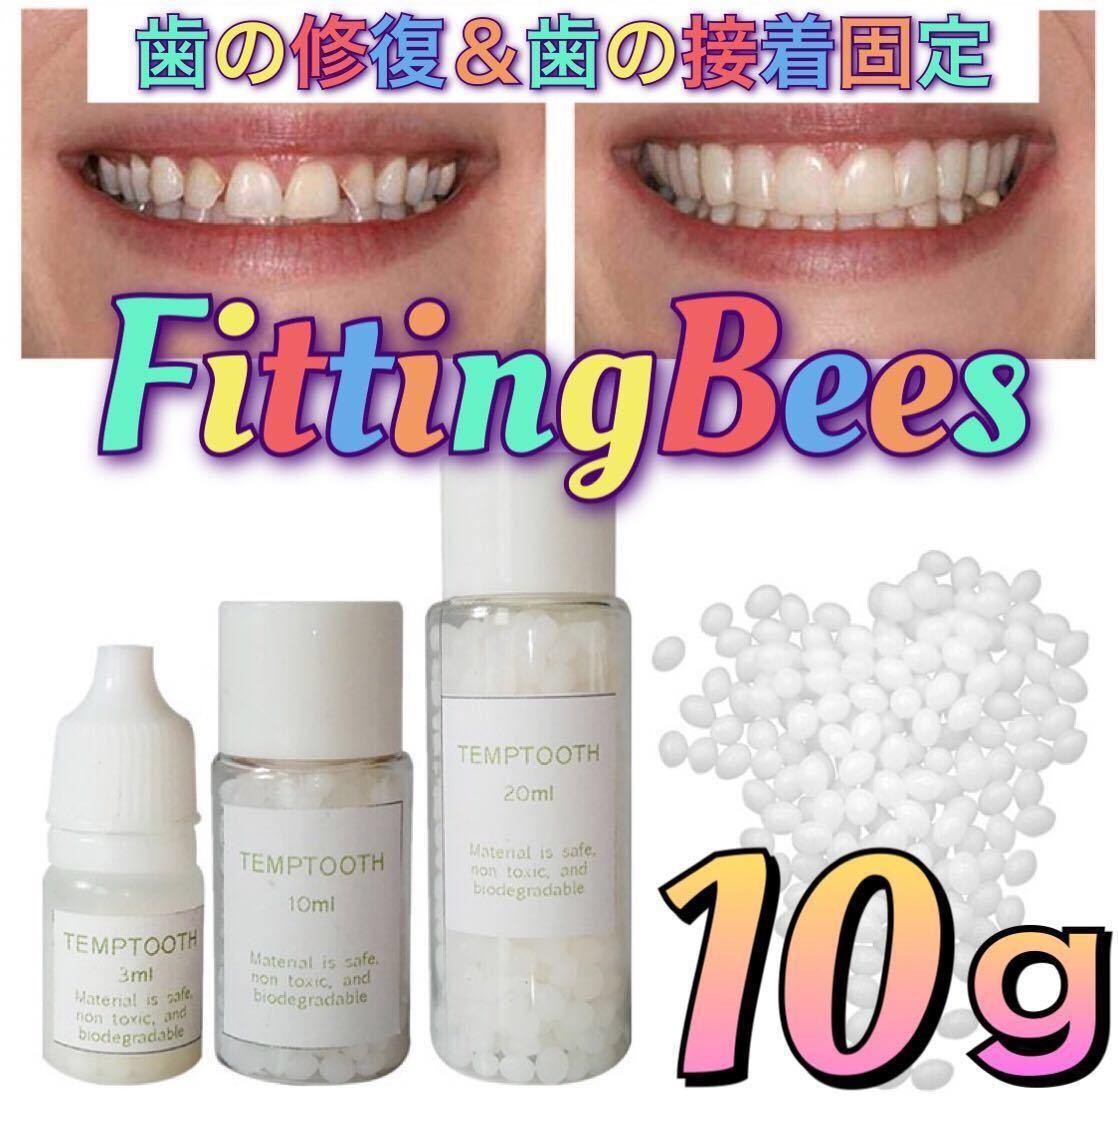 【格安価格】フィッティングビーズ10g《歯の損傷修復、歯の固定》インスタントスマイル 抜け歯、差し歯、歯の補修、粘着に最適~DX_画像1